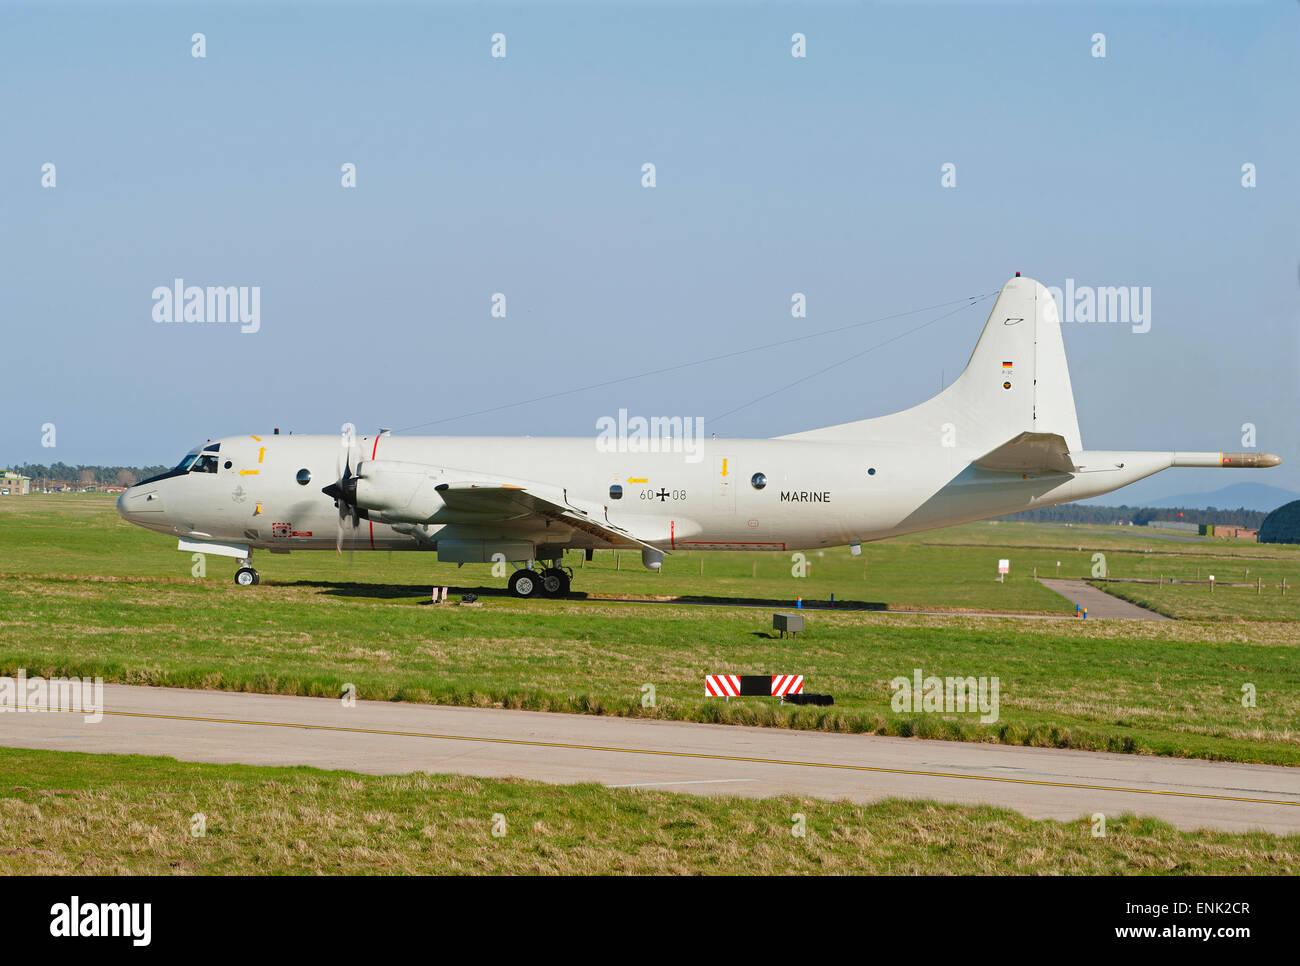 Maritime la marine allemande P3C Orion ASW Avions à long rayon d'inscription en série 60+08 à RAF Lossiemouth en Écosse. 9729 SCO. Banque D'Images